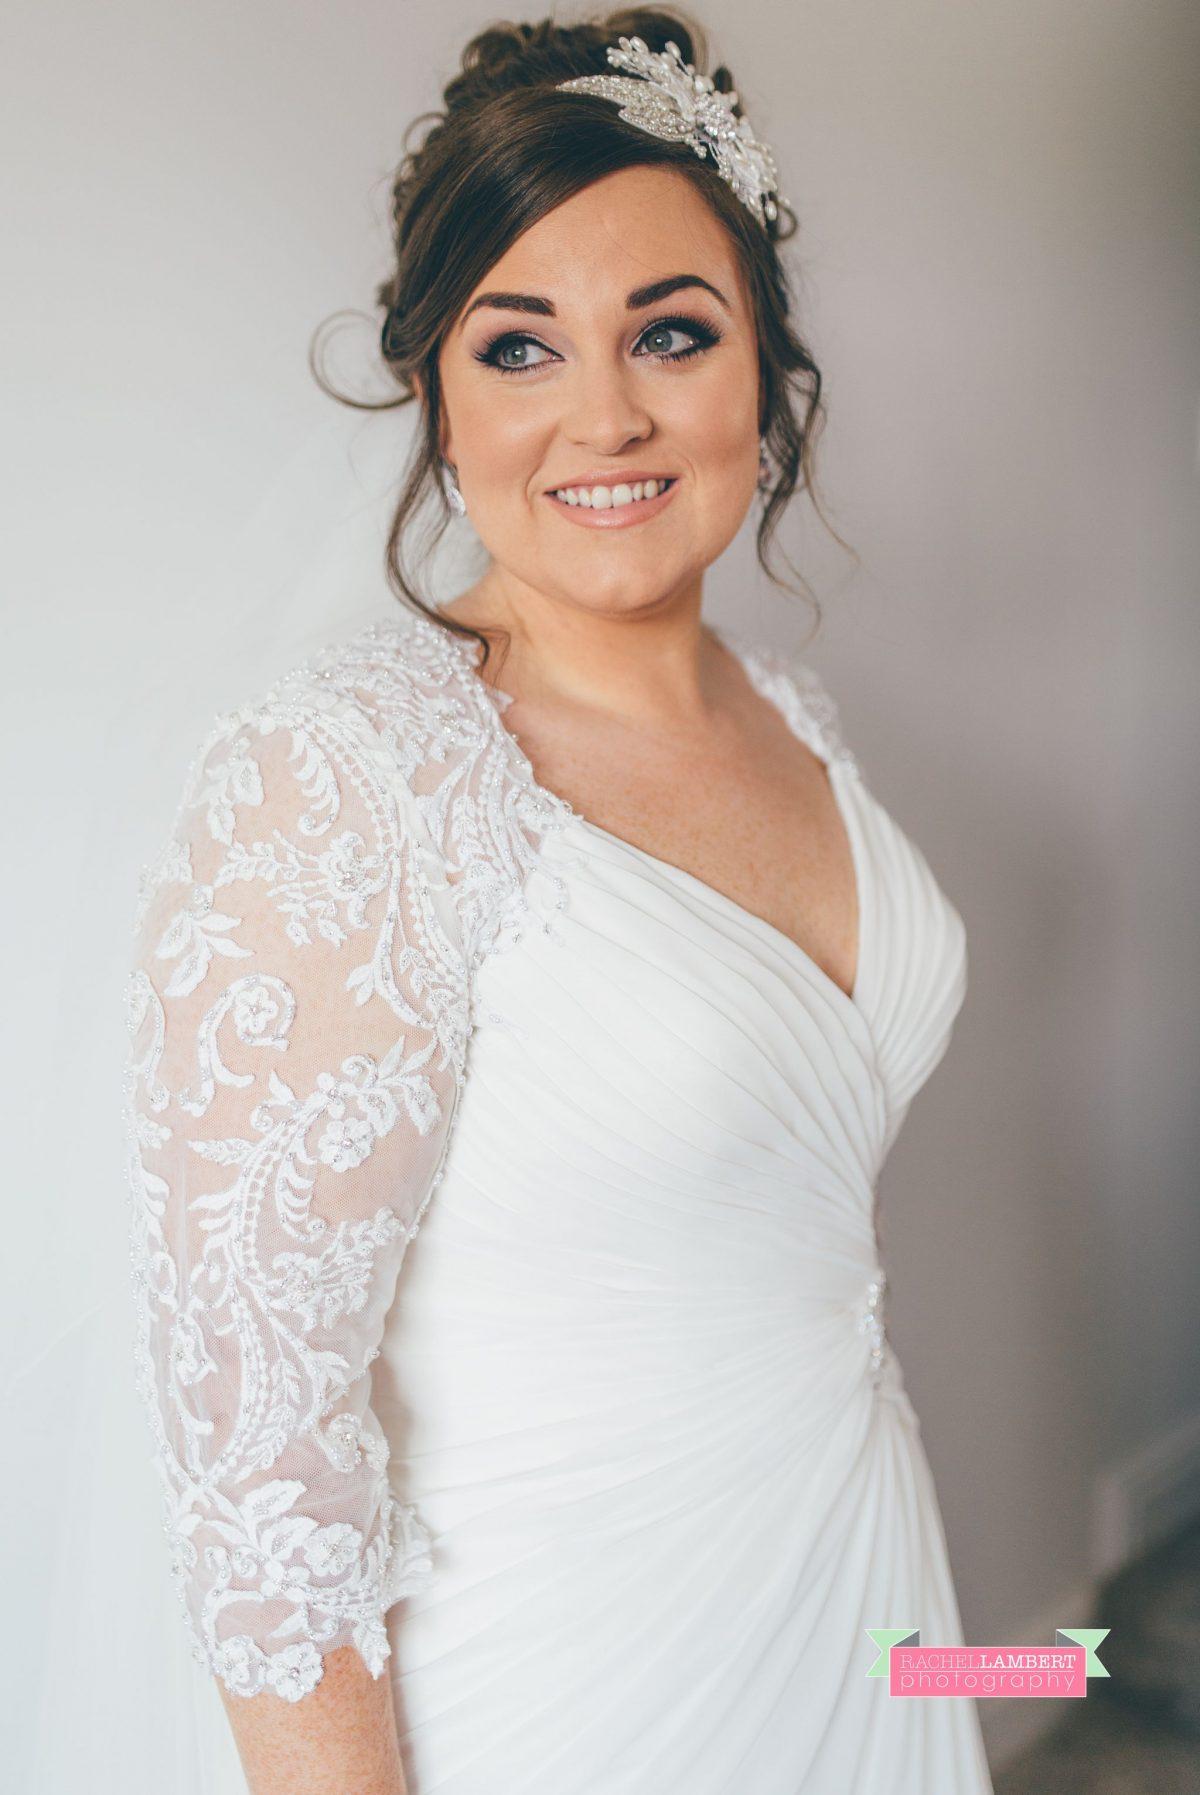 welsh_wedding_photographer_rachel_lambert_photography_pencoed_house_cardiff_rachel_nathan_ 8